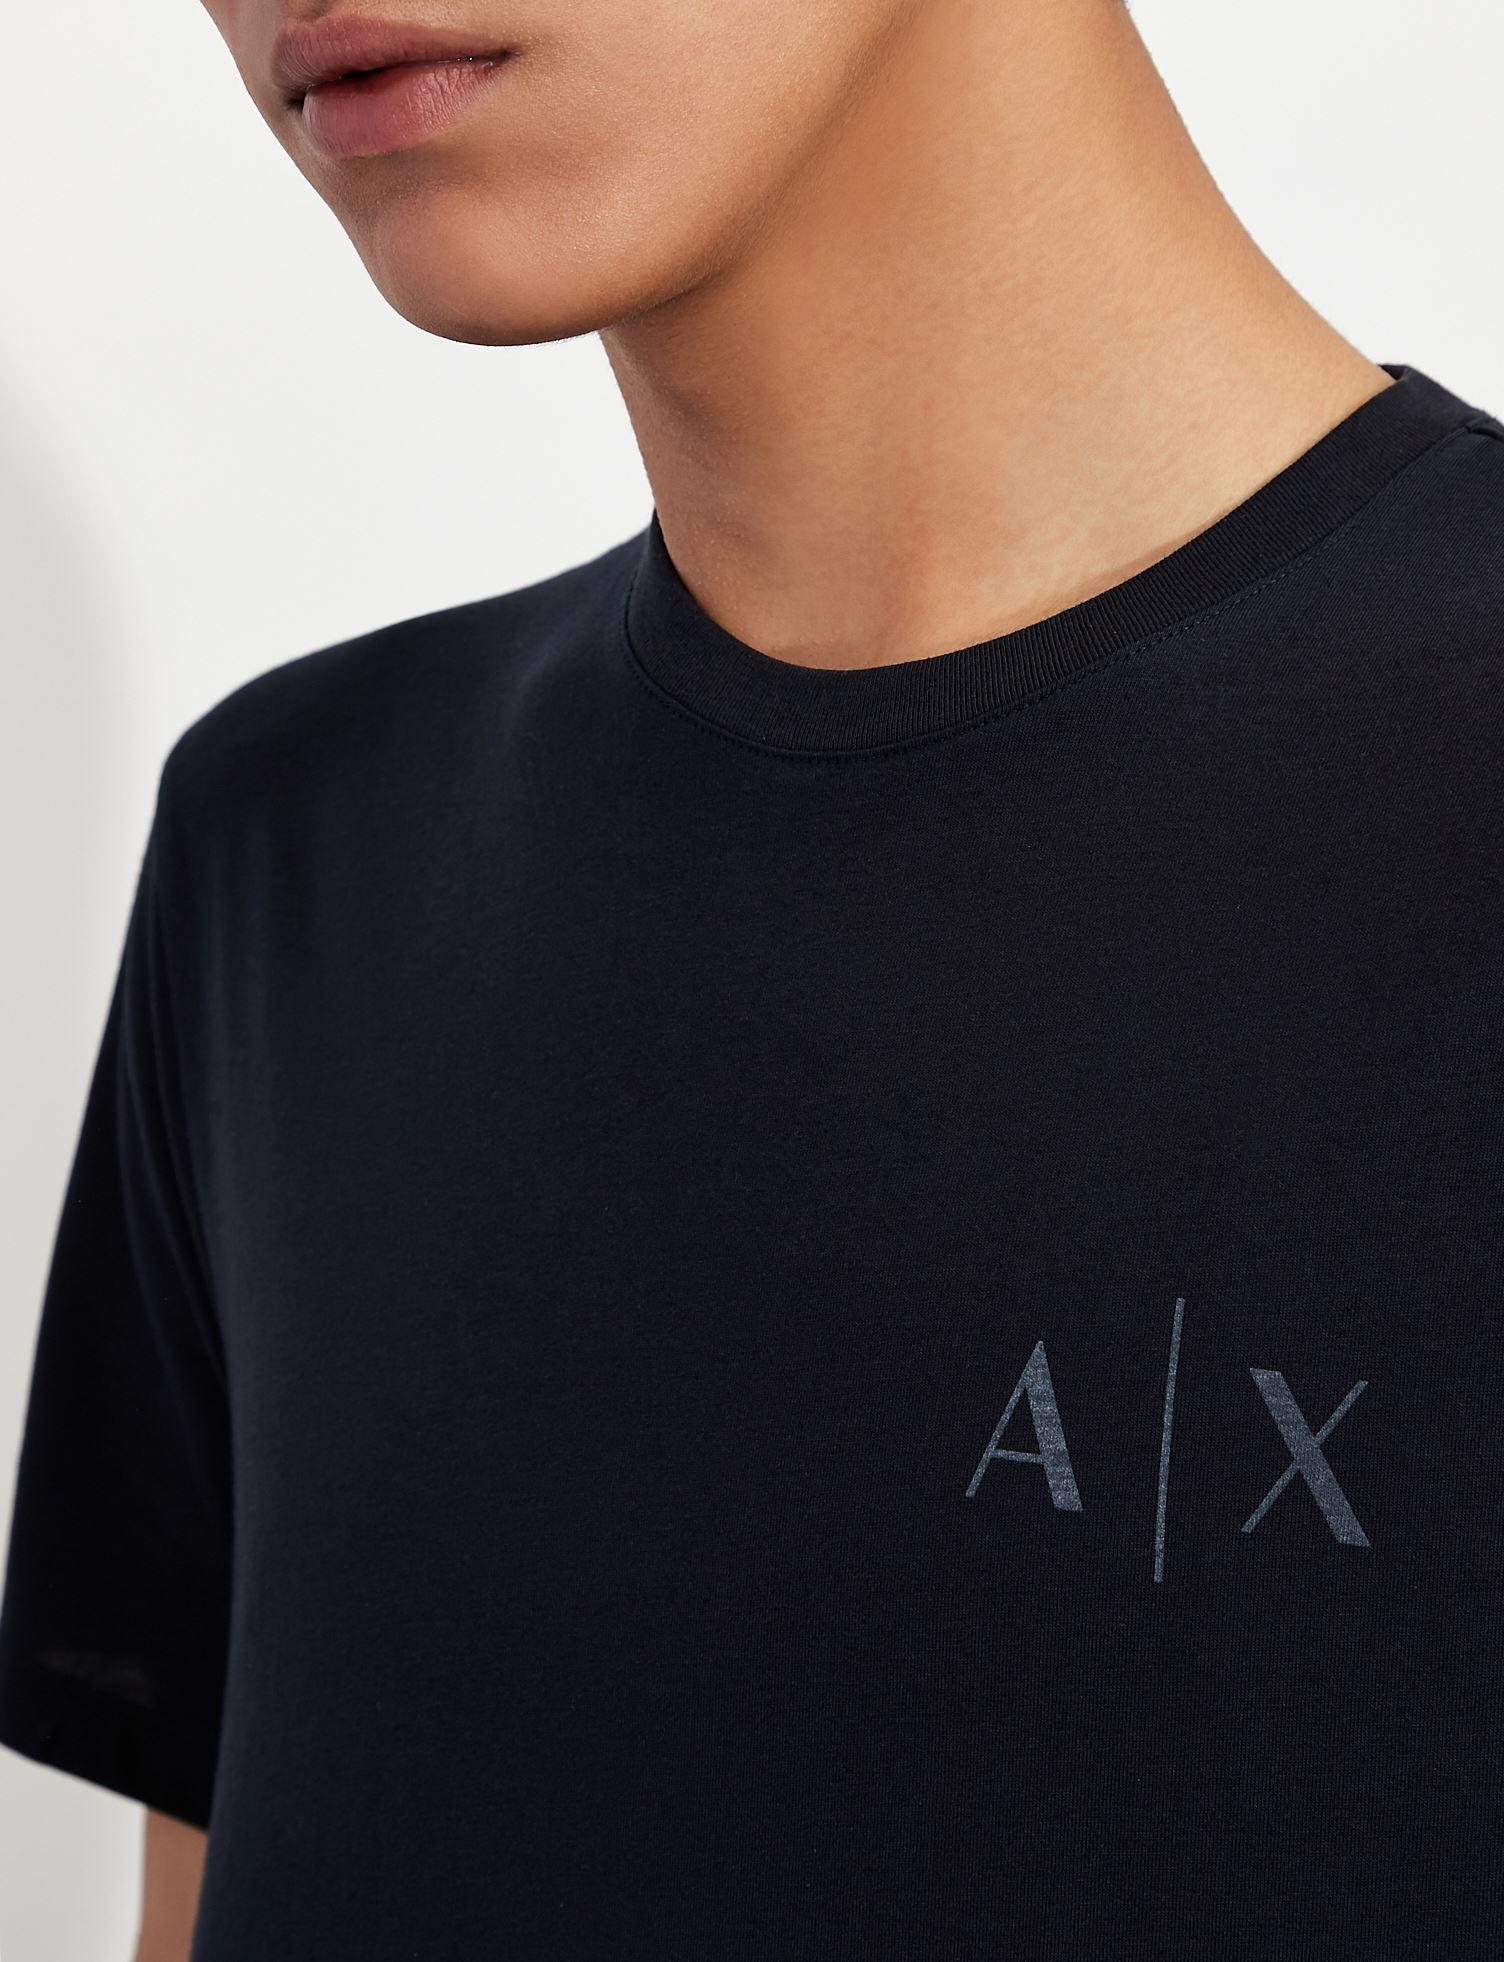 Armani Exchange T-shirt Armani Exchange 3KZTGB-ZJBVZ-1510